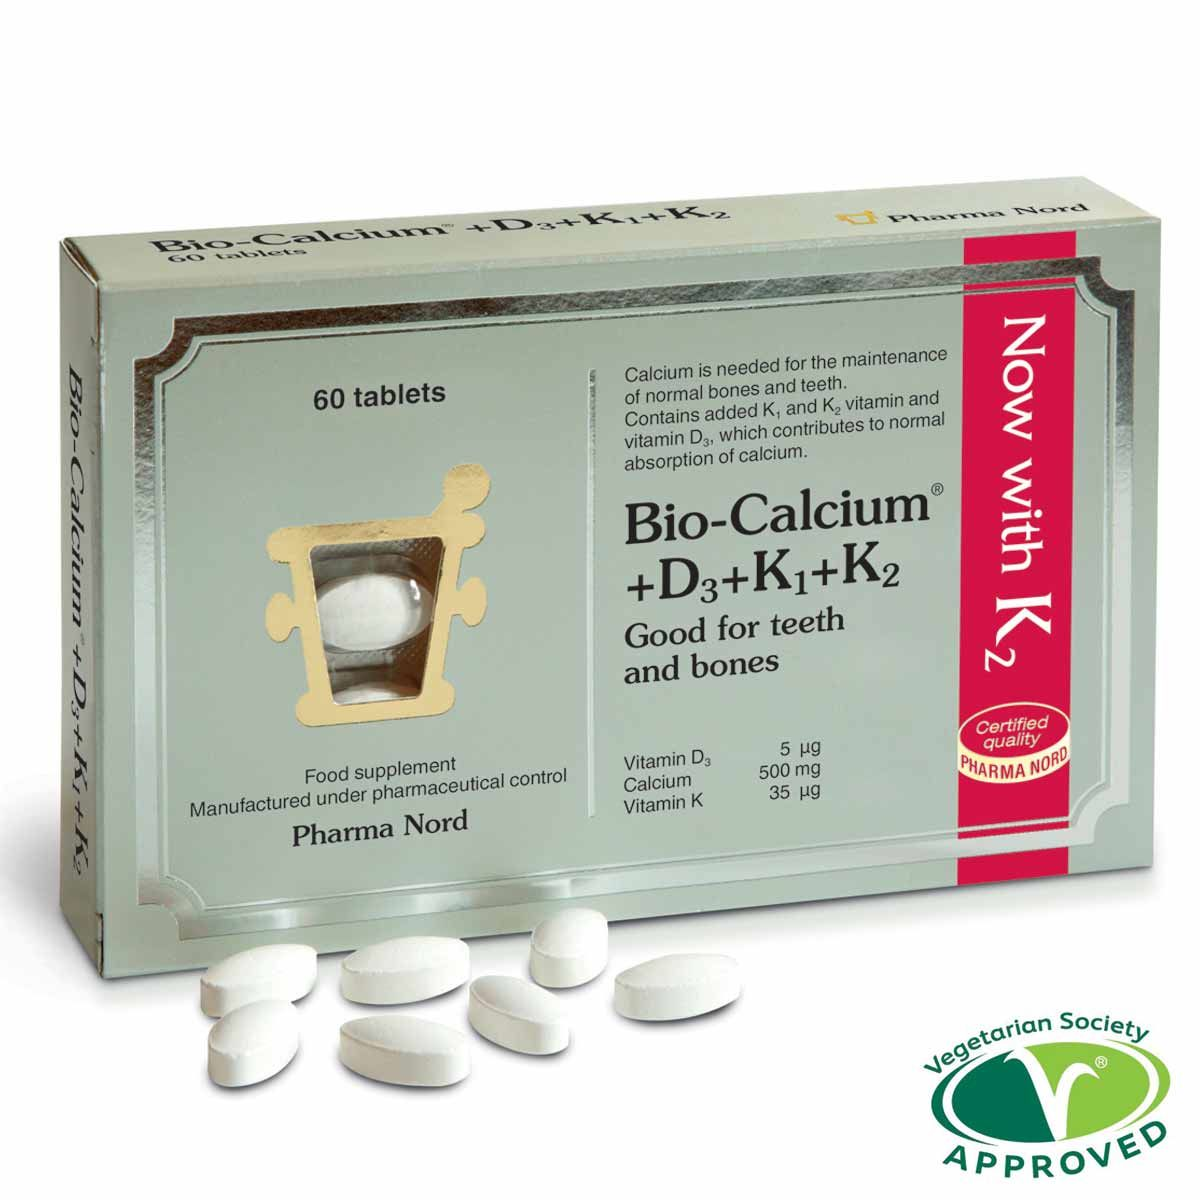 Bio-Calcium + D3 + K 500mg 60's